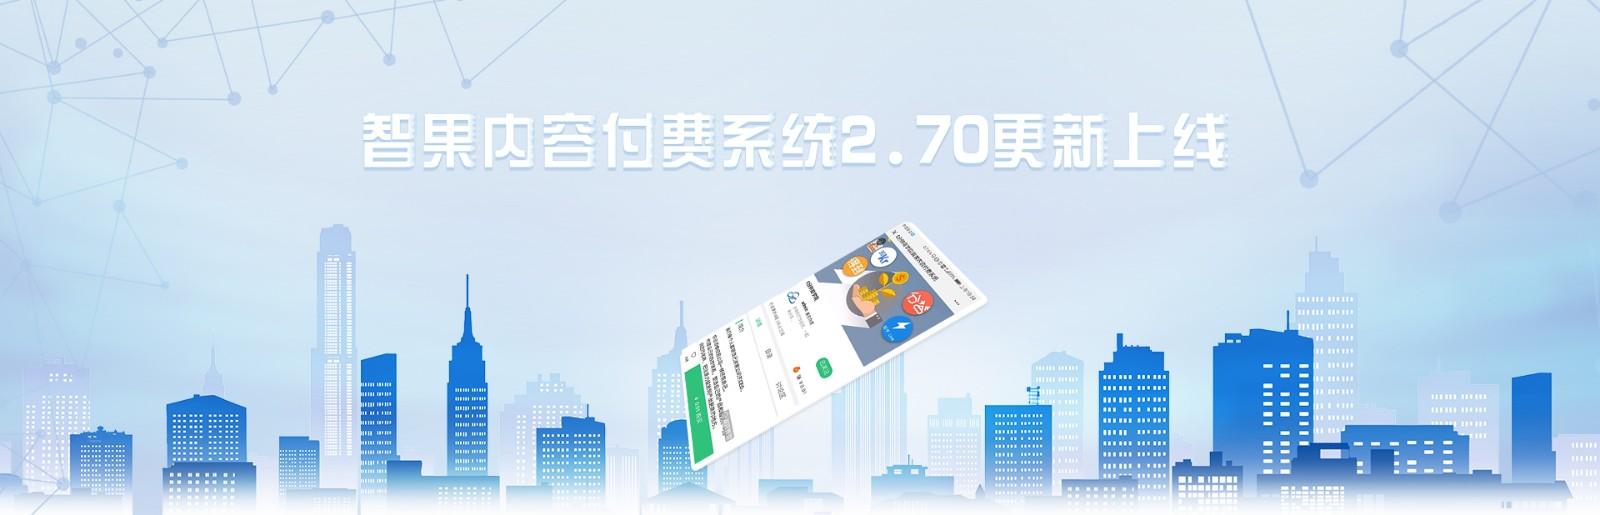 智果2.2.0